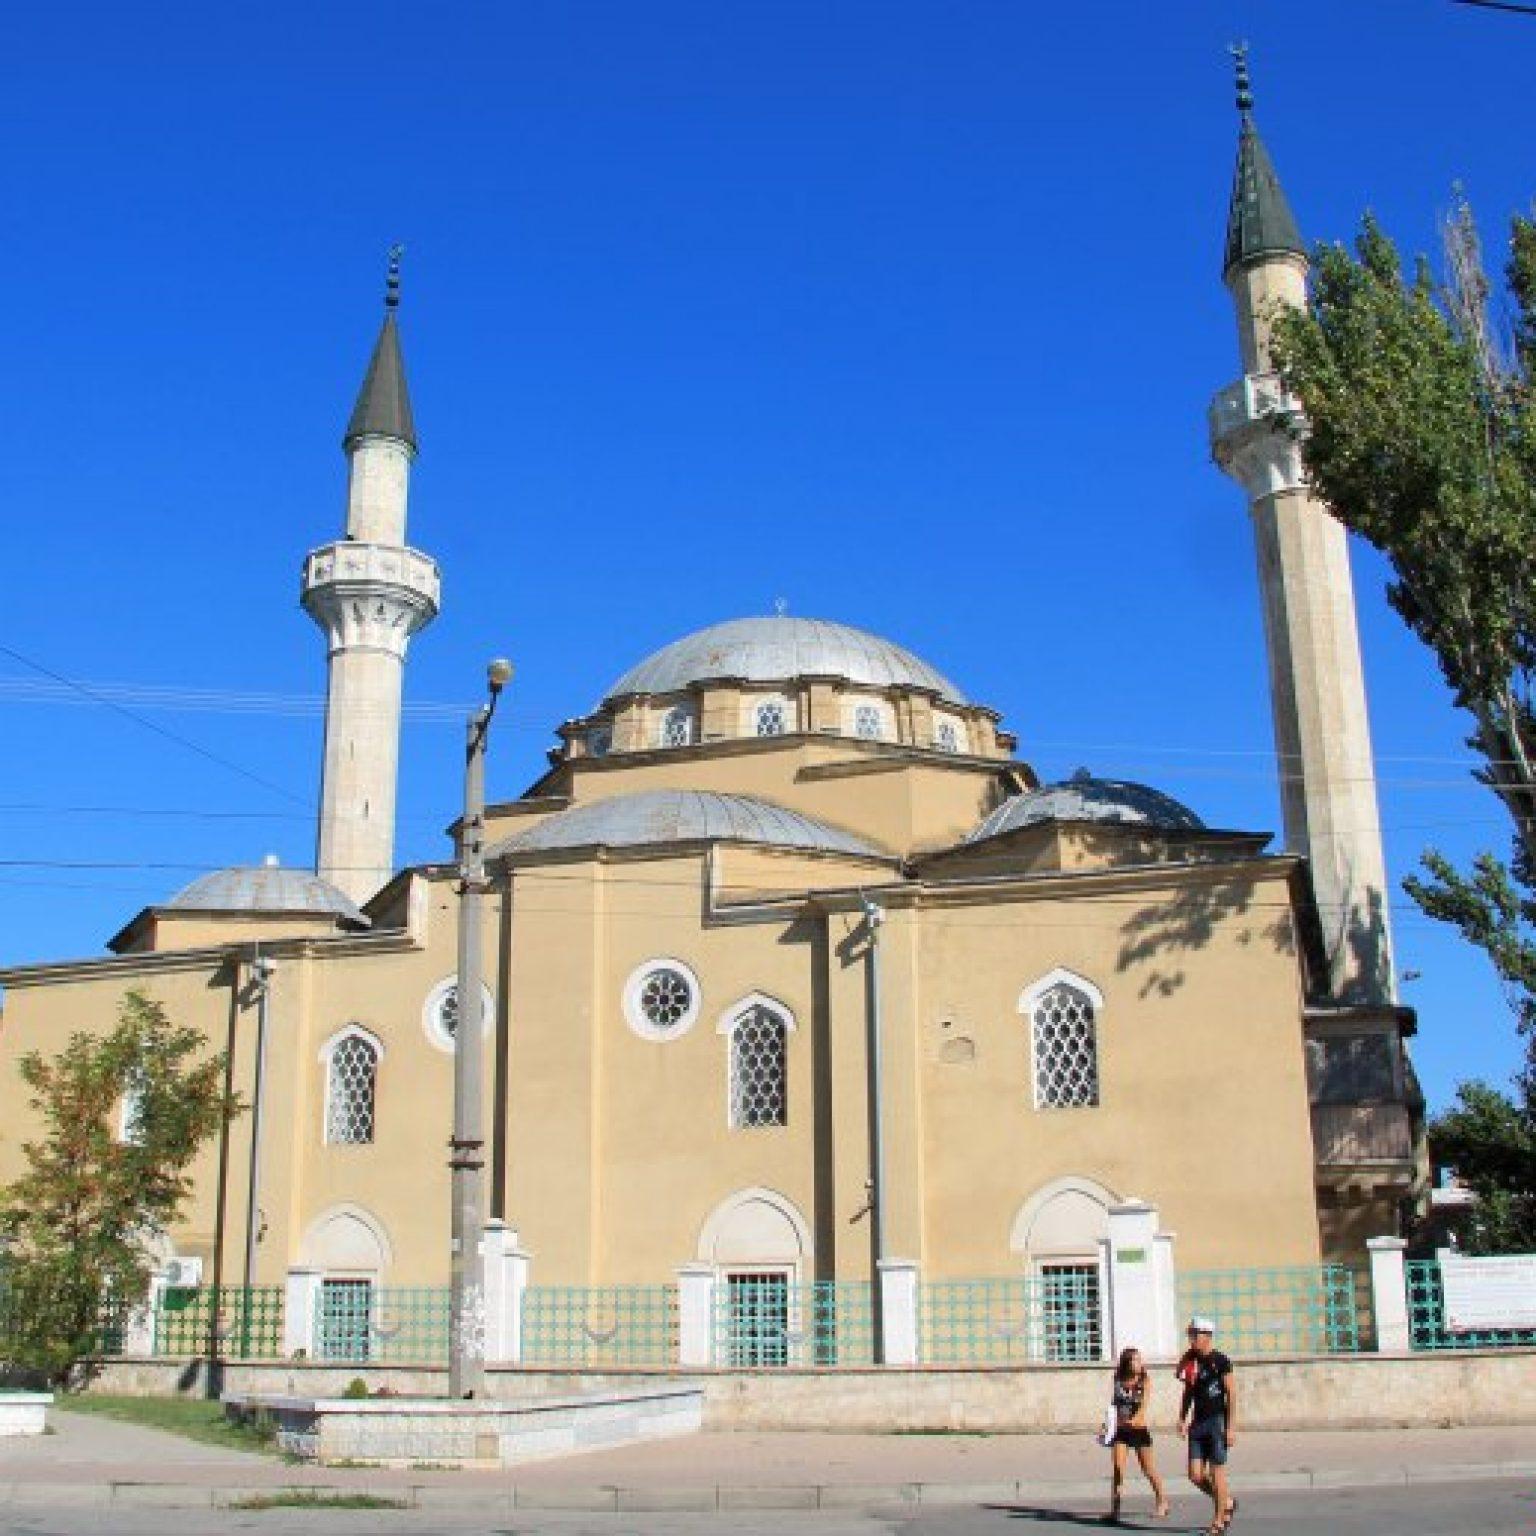 Достопримечательности Евпатории: Мечеть Джума-Джами (Пятничная мечеть)